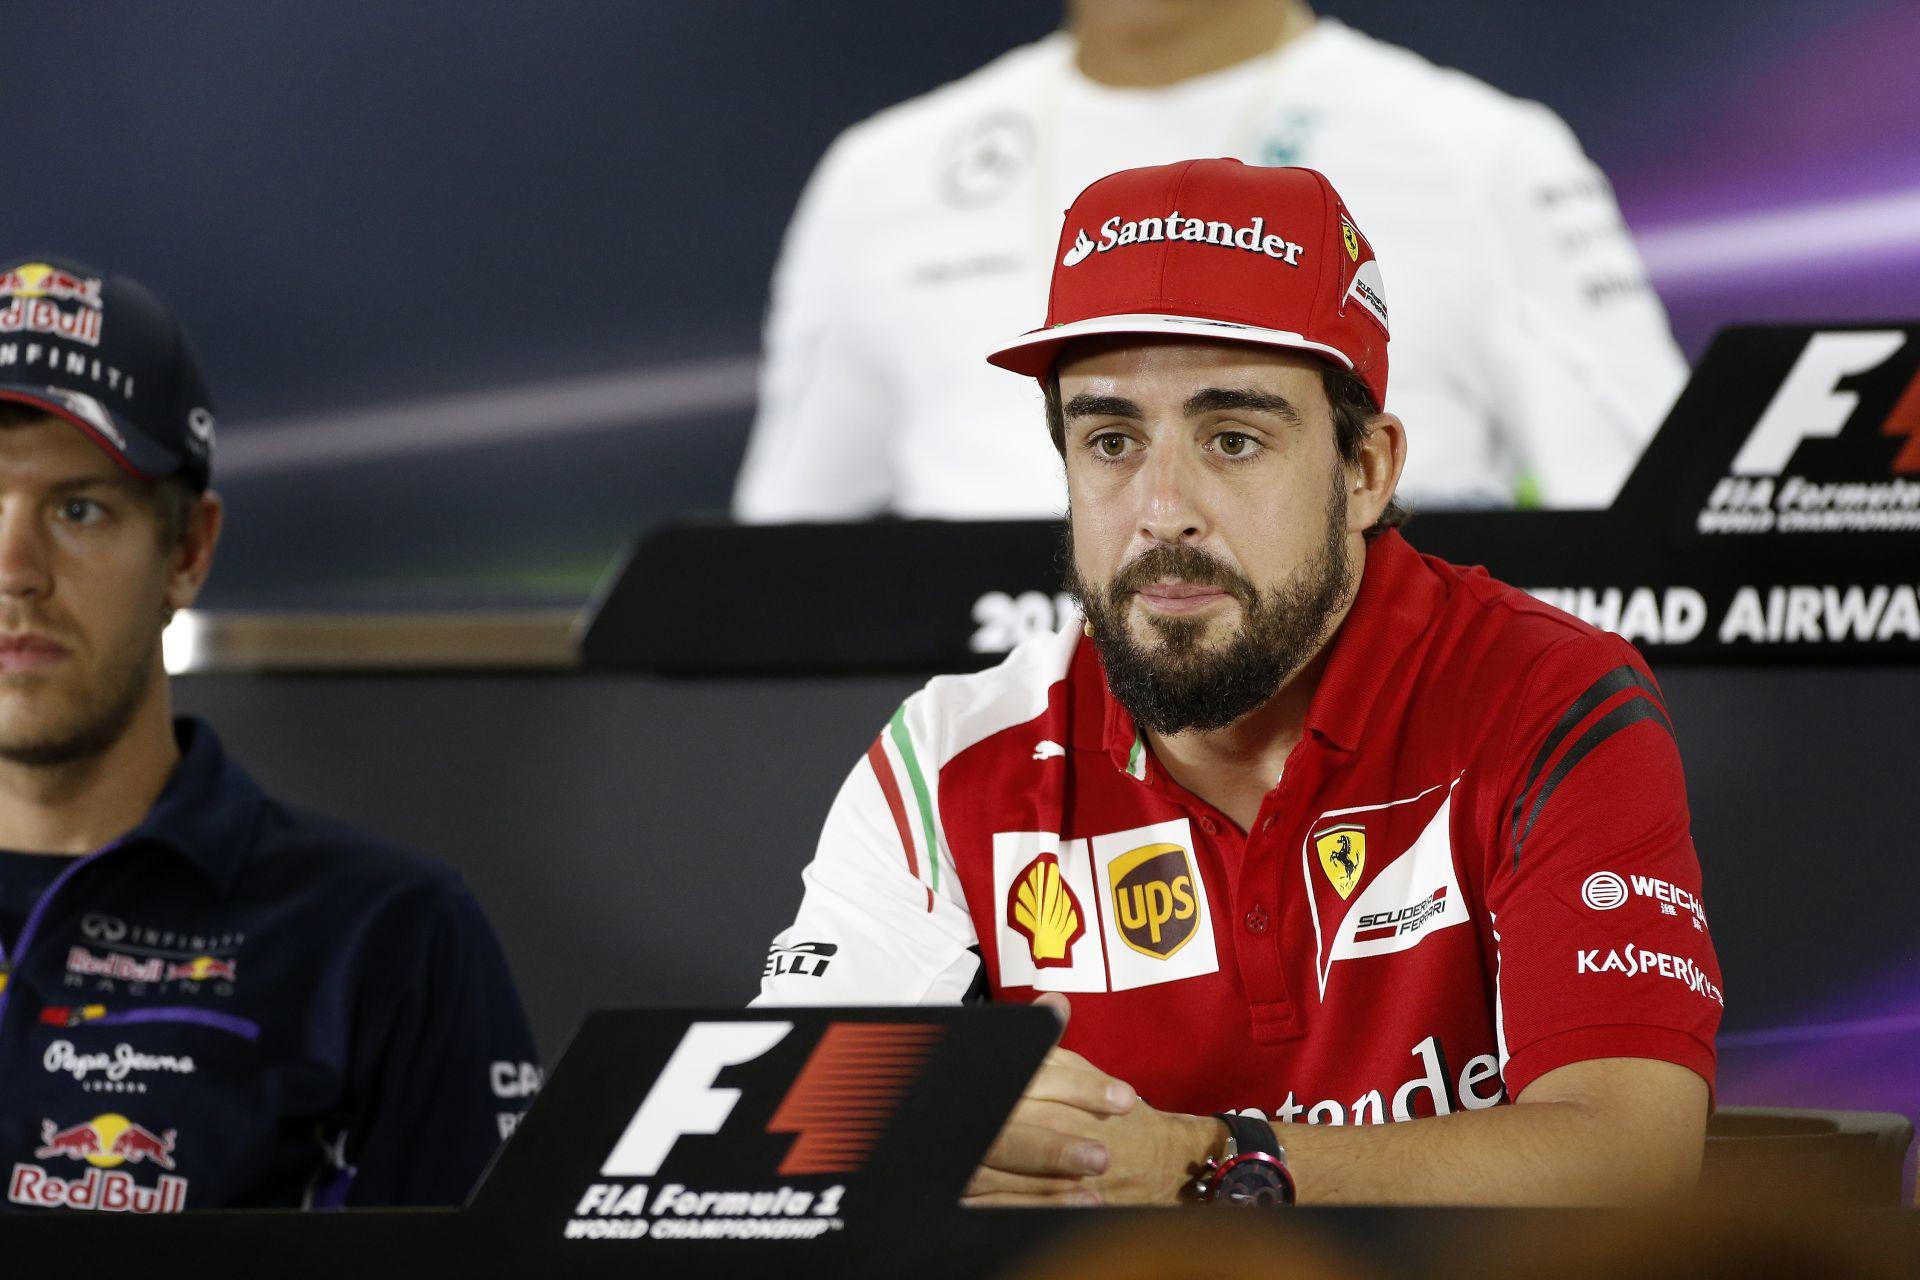 Alonso rosszul döntött, hogy elhagyta a Ferrarit? Végeredmény!